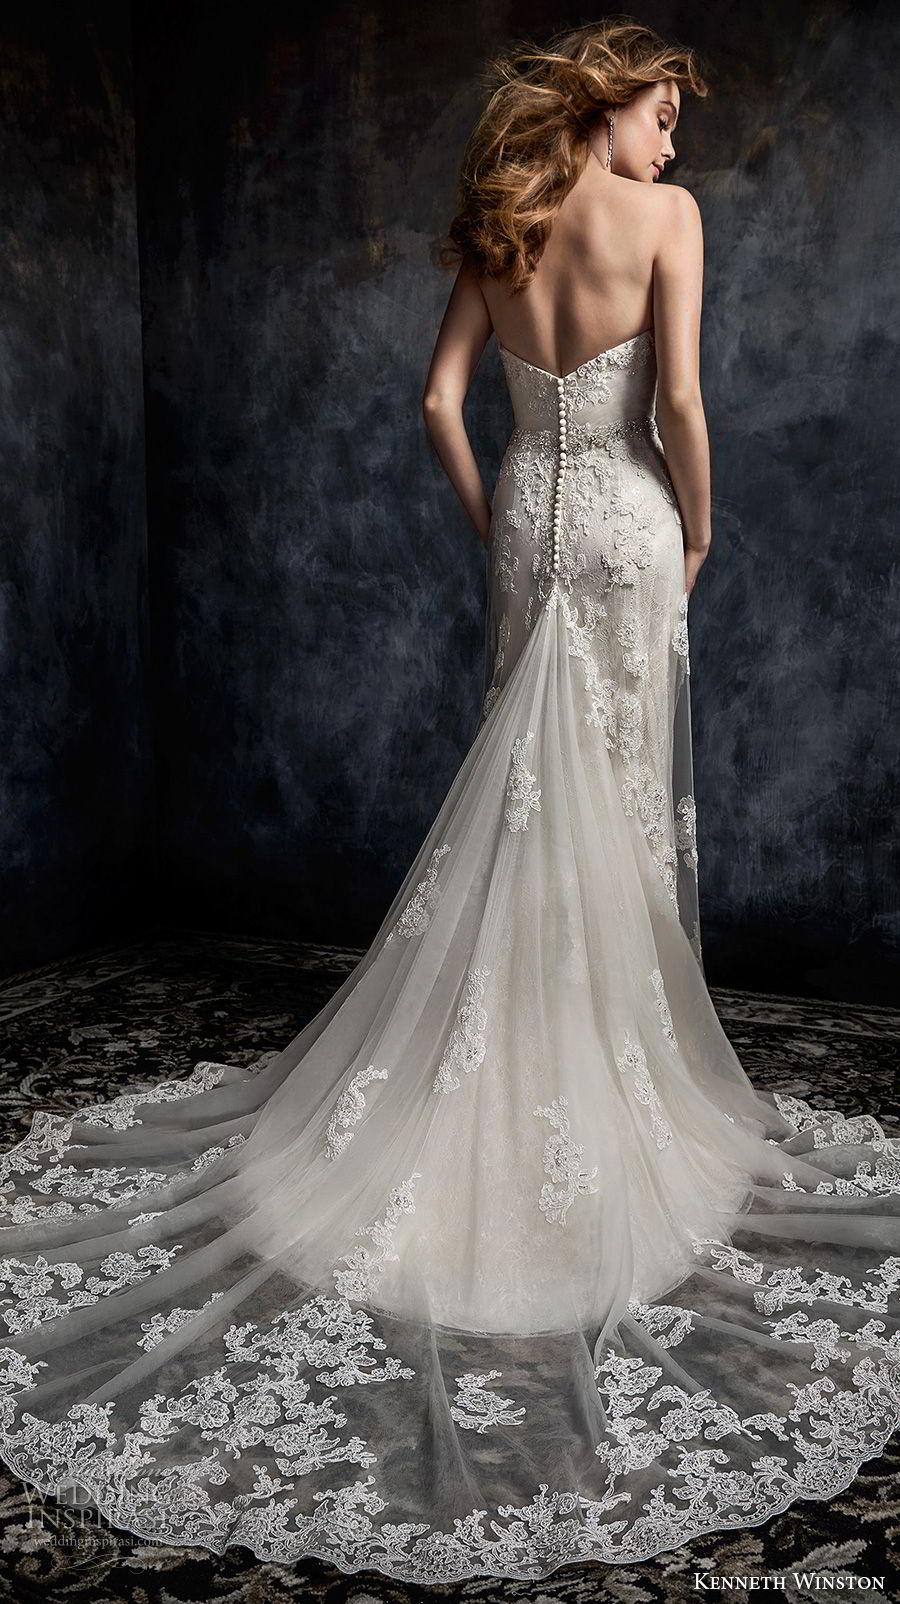 kenneth winston fall 2017 bridal strapless sweetheart neckline full embellishment elegant romantic column wedding dress chapel train (33) bv